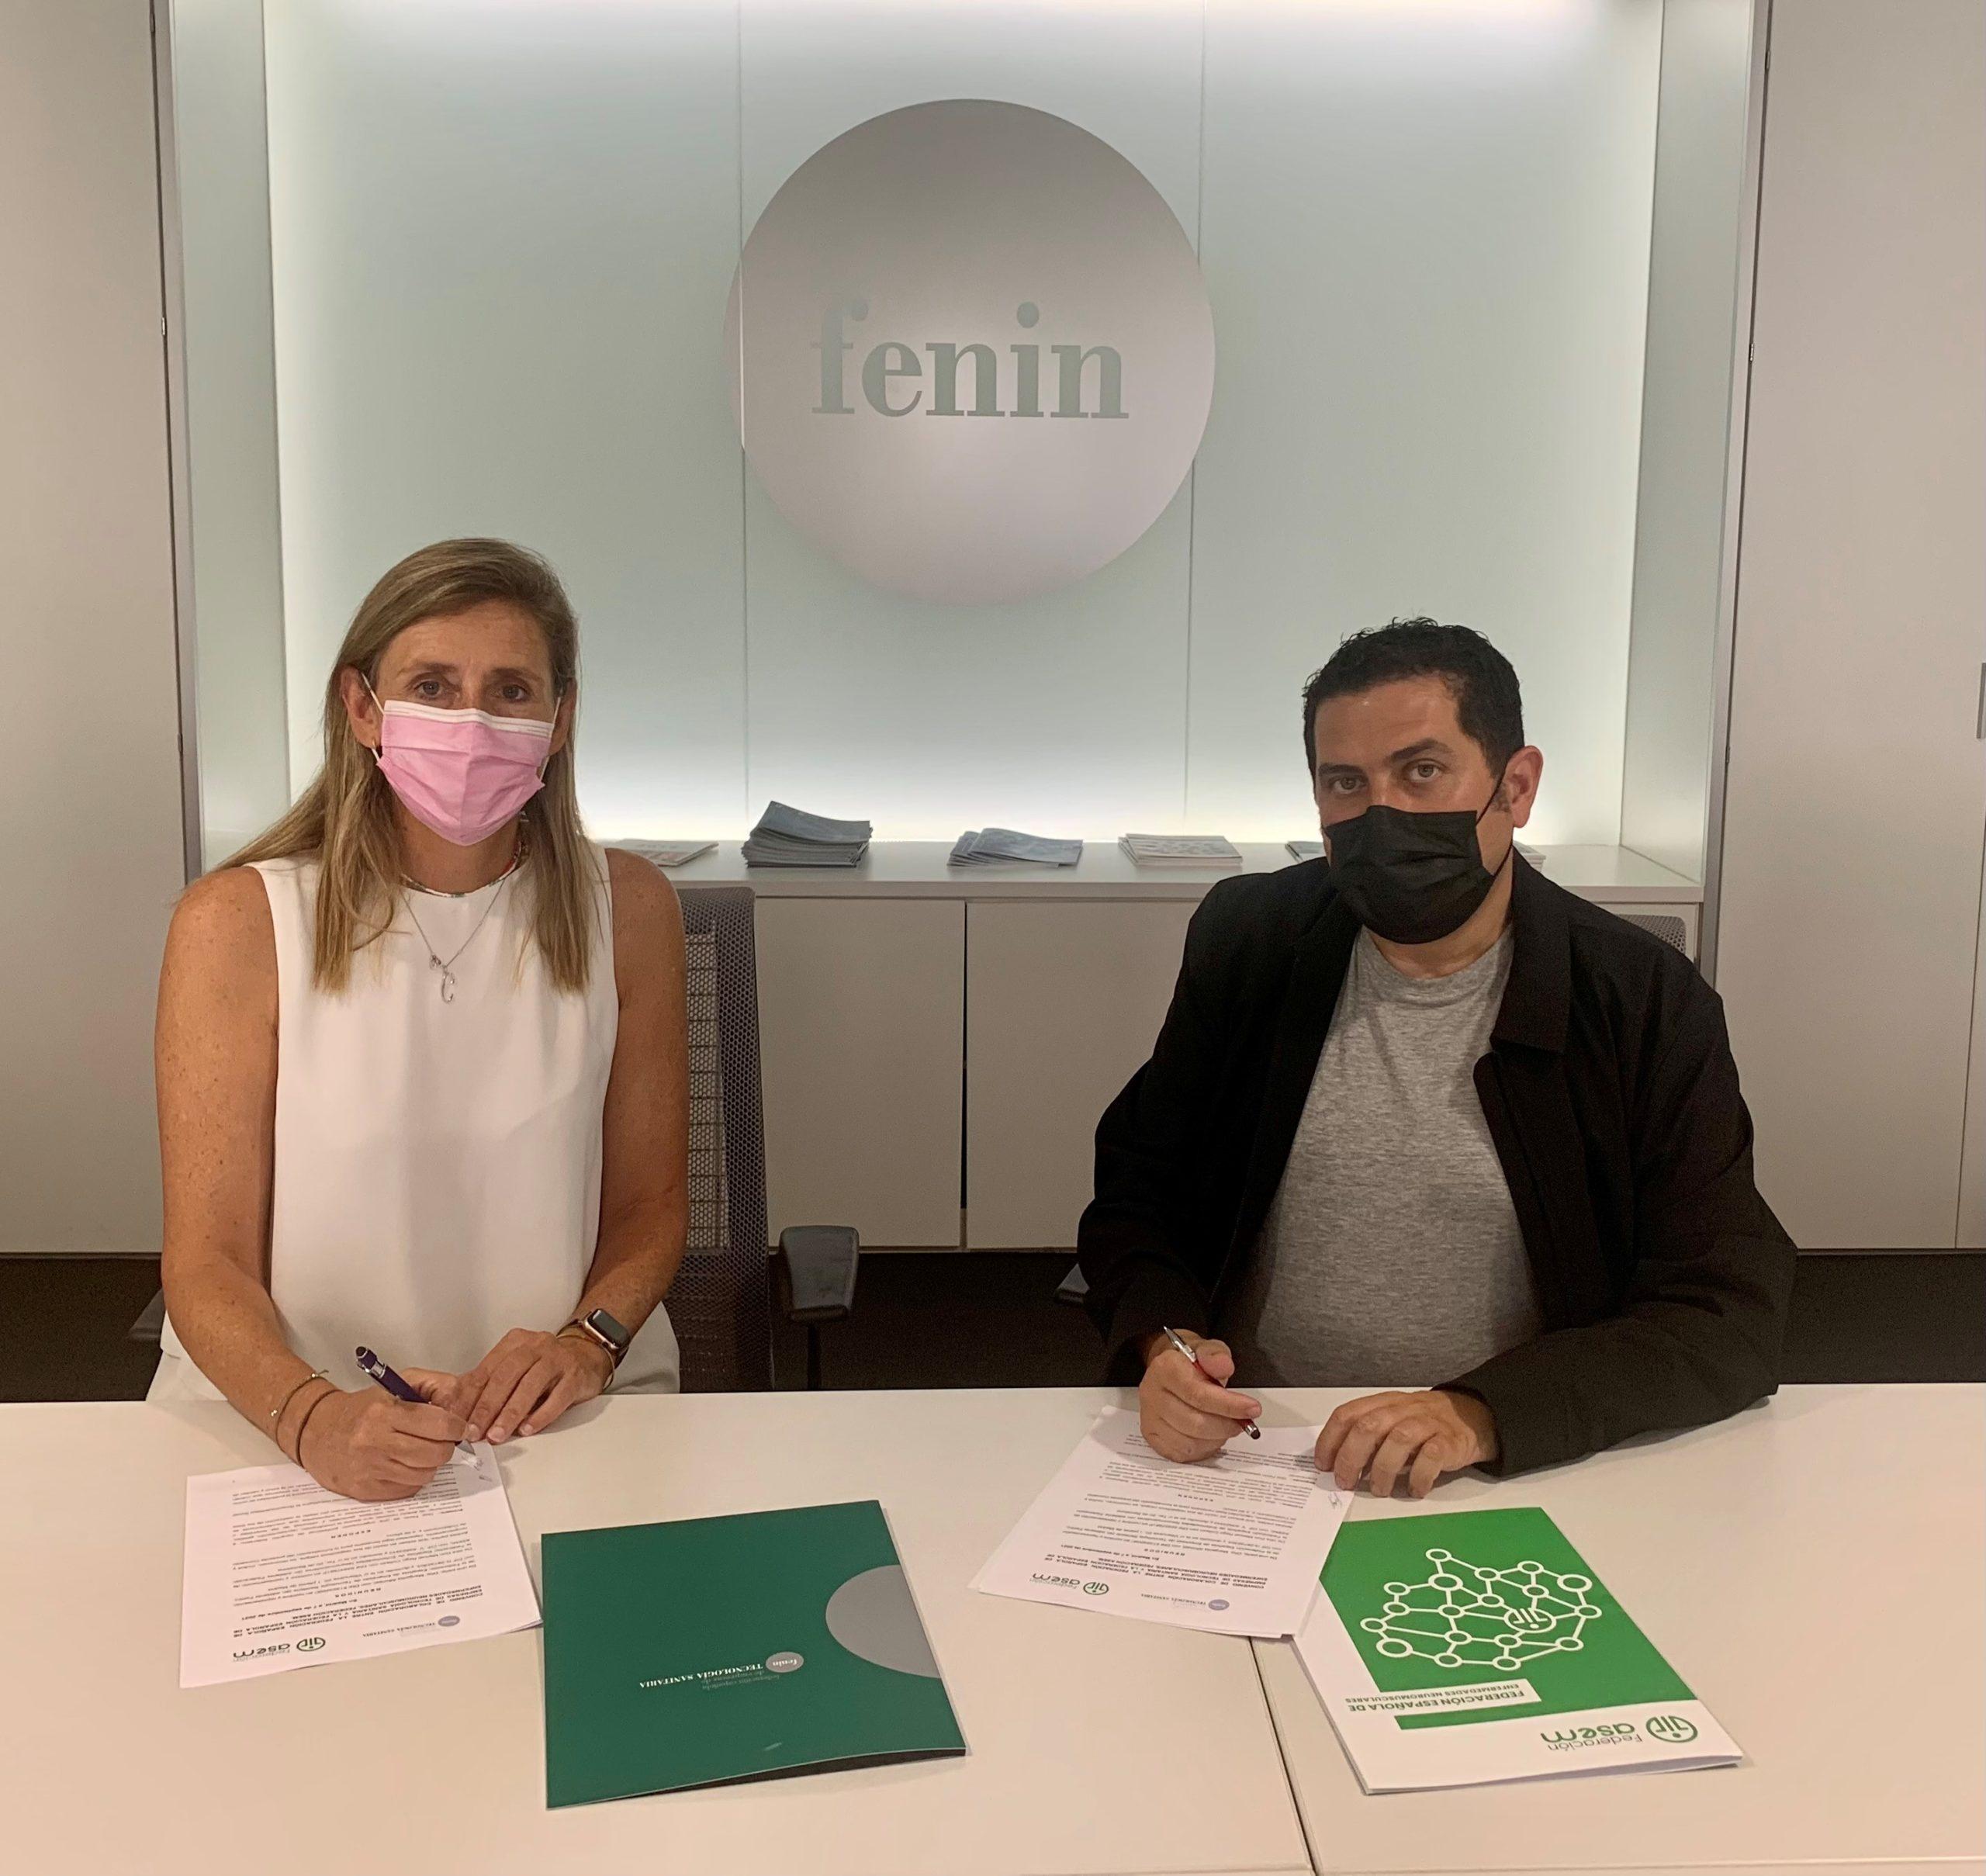 Convenio FENIN - Federación ASEM